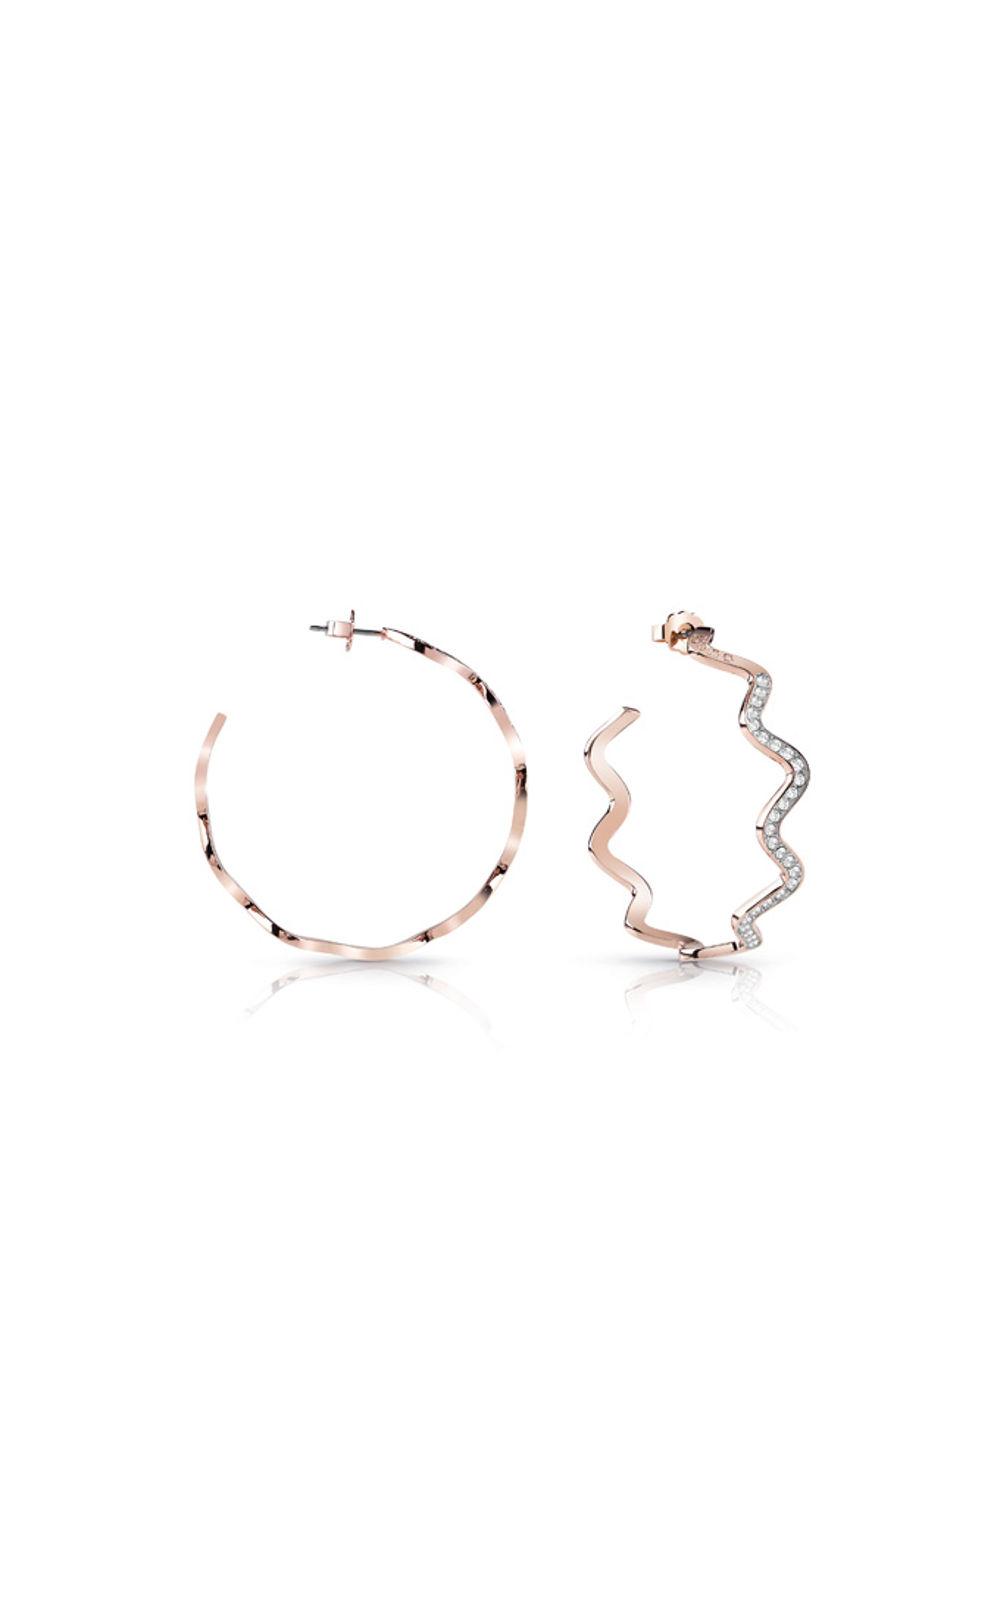 GUESS FAUX UBE85050 Ροζ Χρυσά Σκουλαρίκια Κυματιστά Με Πέτρες